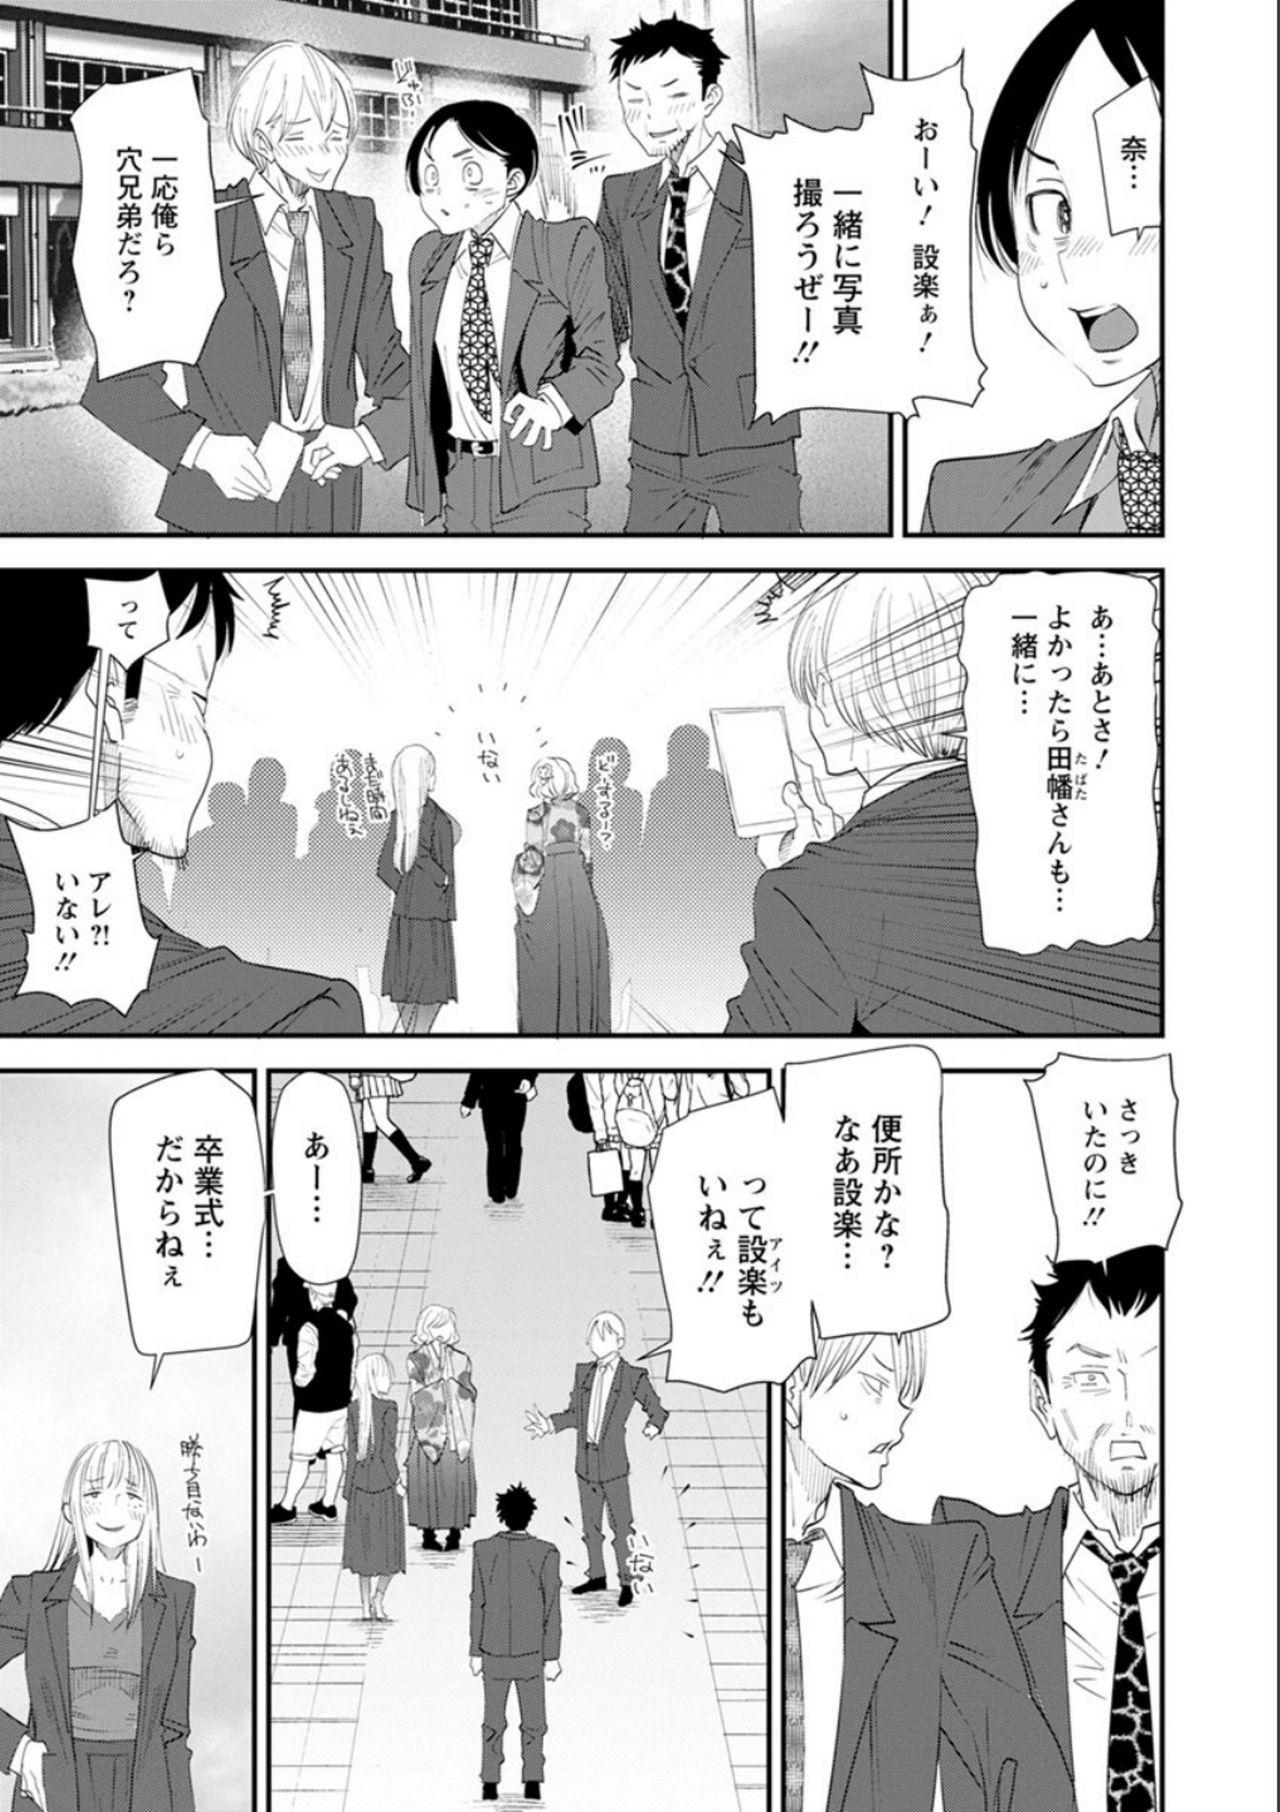 Nao's Secret 151